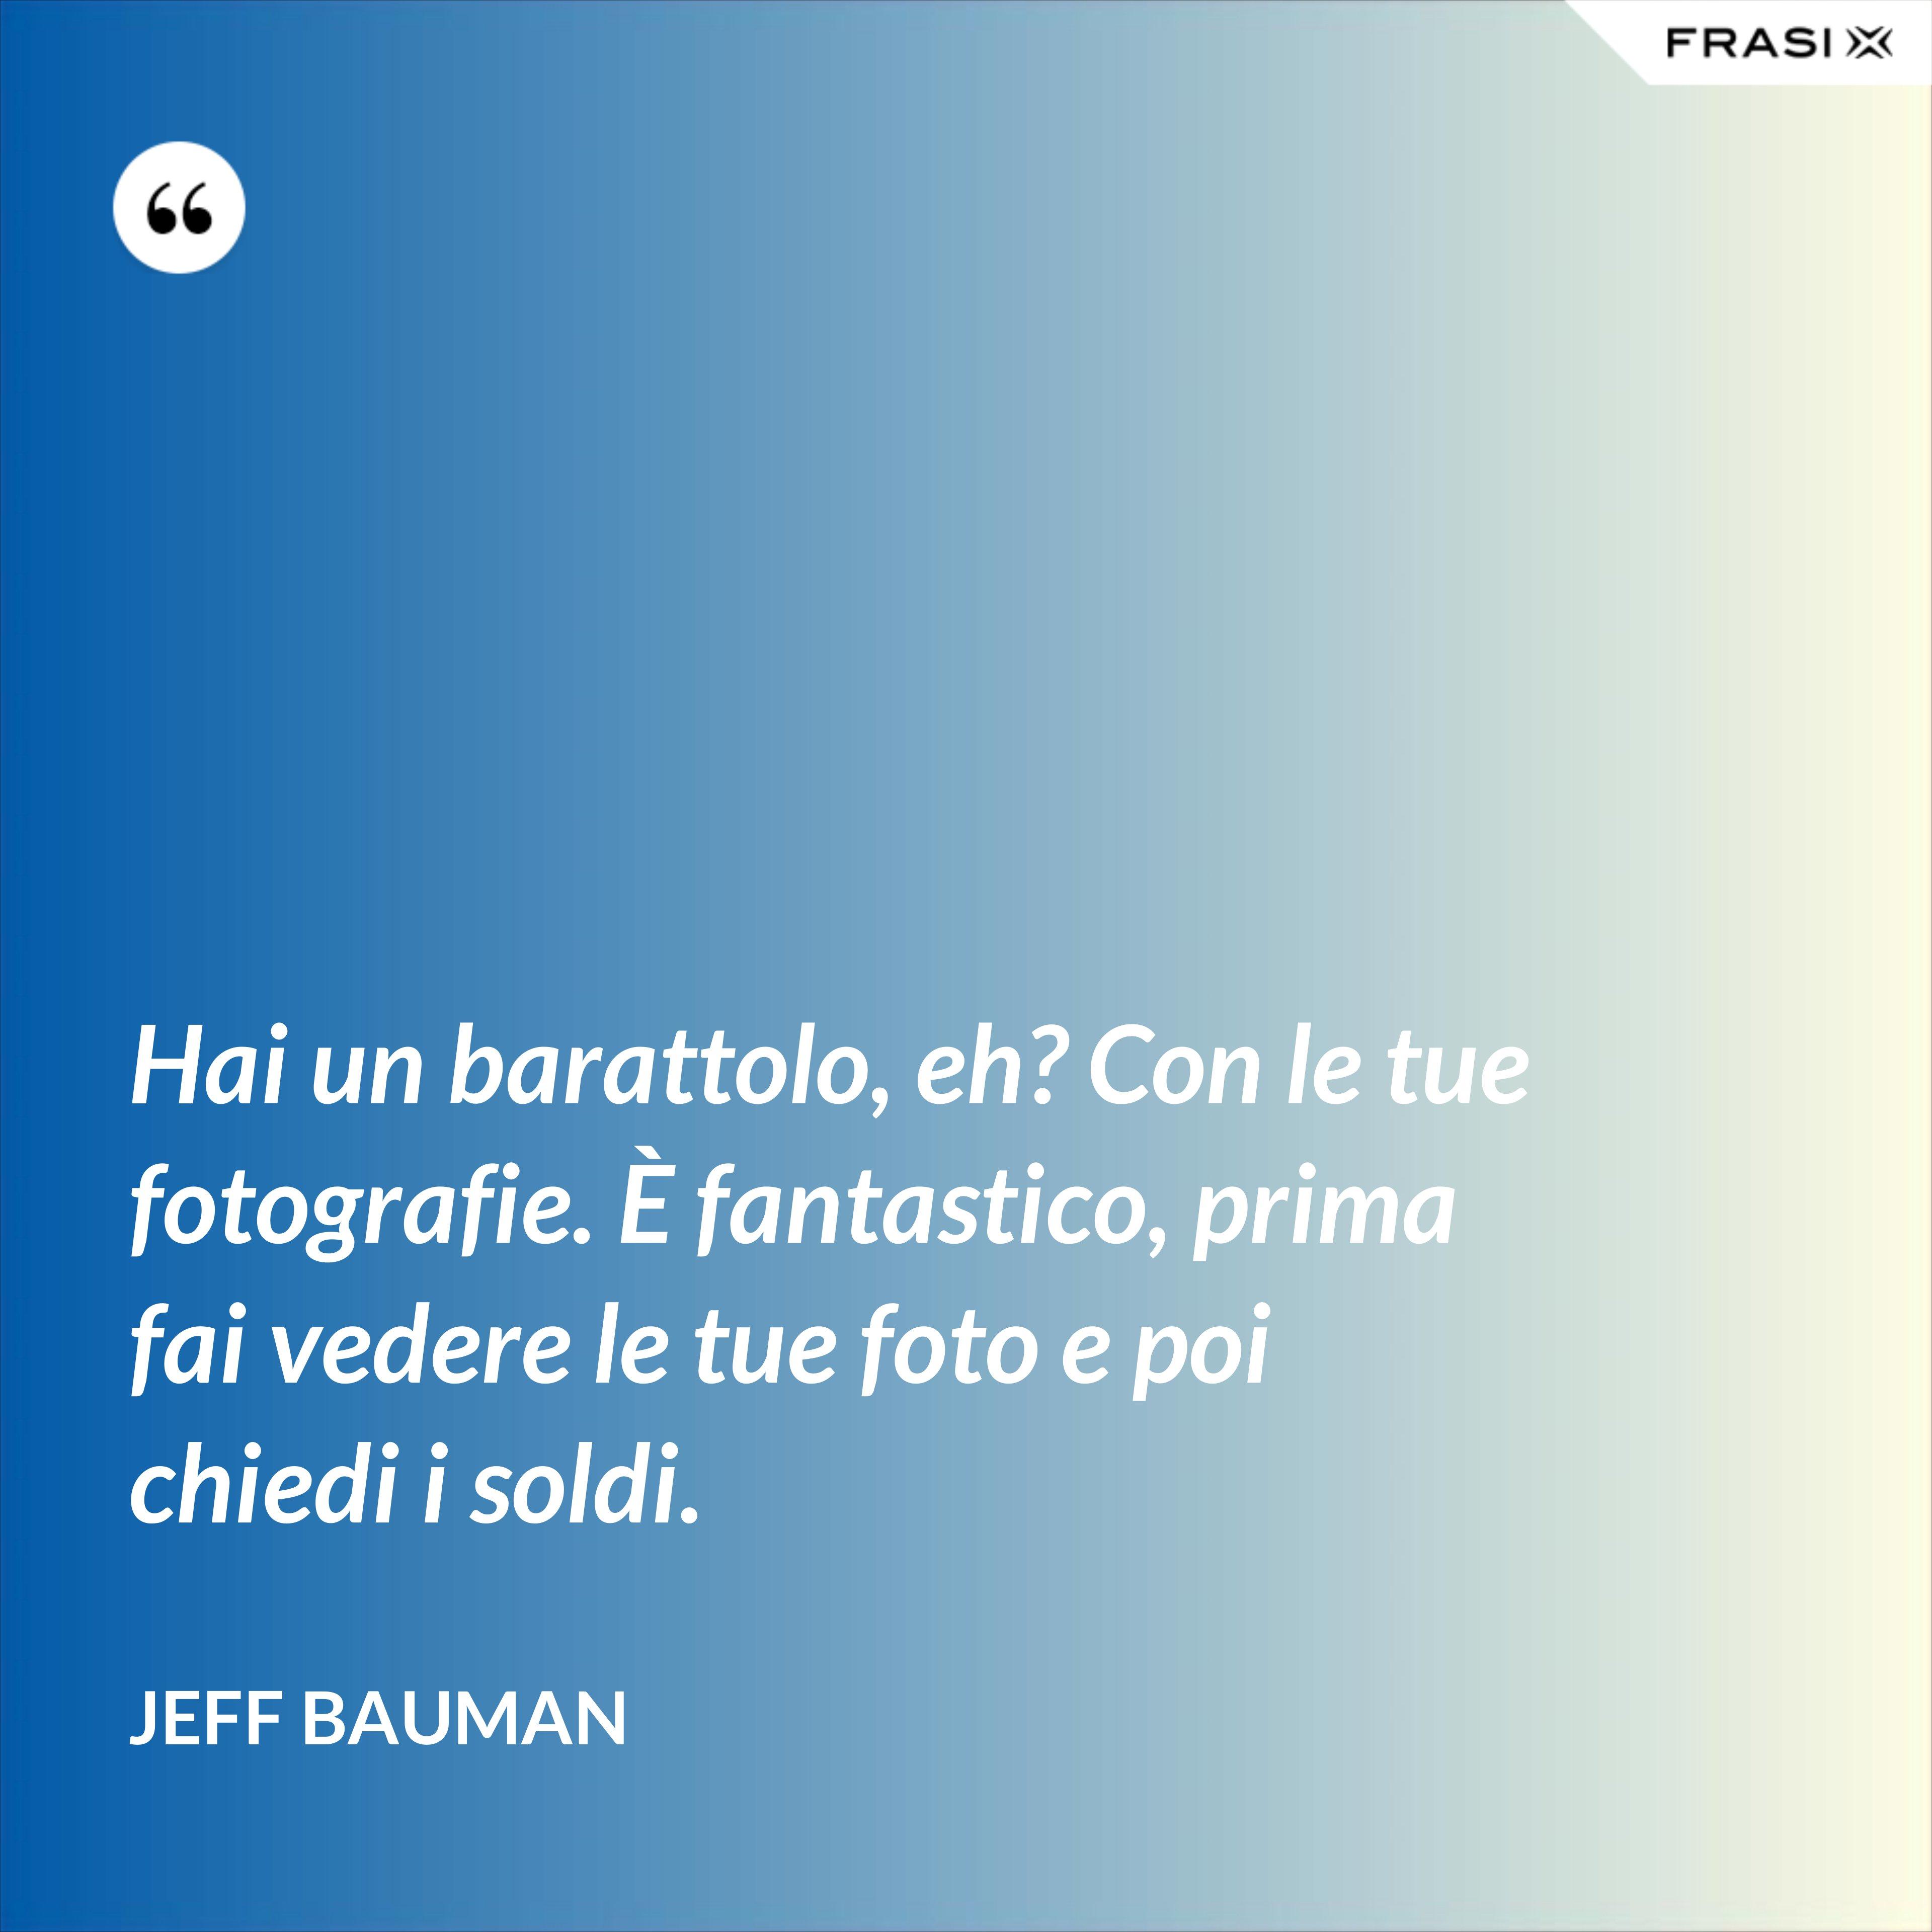 Hai un barattolo, eh? Con le tue fotografie. È fantastico, prima fai vedere le tue foto e poi chiedi i soldi. - Jeff Bauman